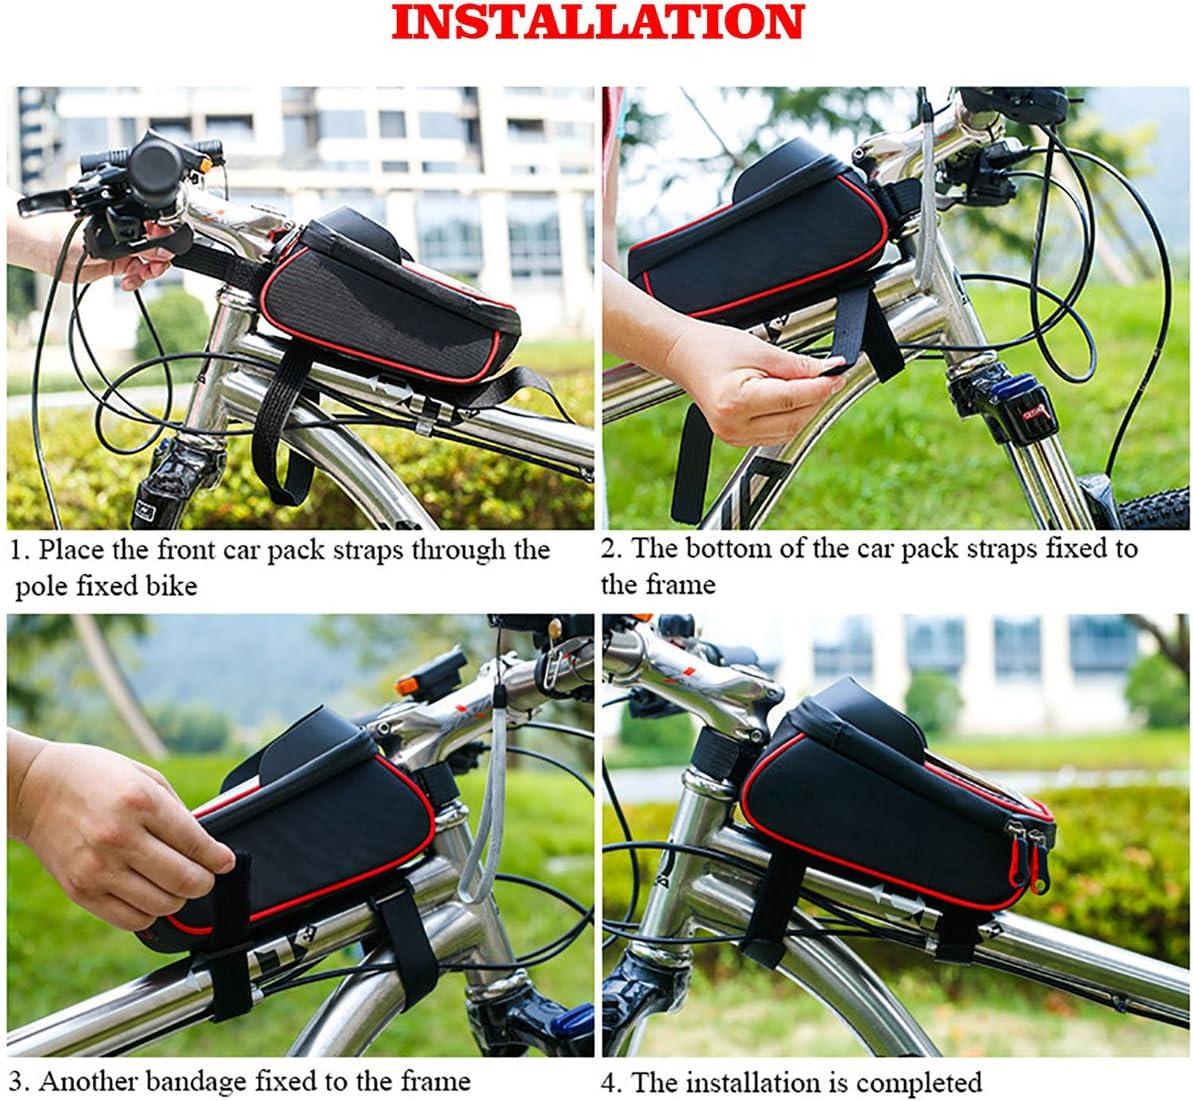 Conveniente para el tel/éfono m/óvil con el tama/ño por Debajo de 6 iRegro Bolso de la Bicicleta Ciclismo Bicicleta Bici Top Tubo Manillar tel/éfono Monte portabolsa con Visera Bolsas Impermeables